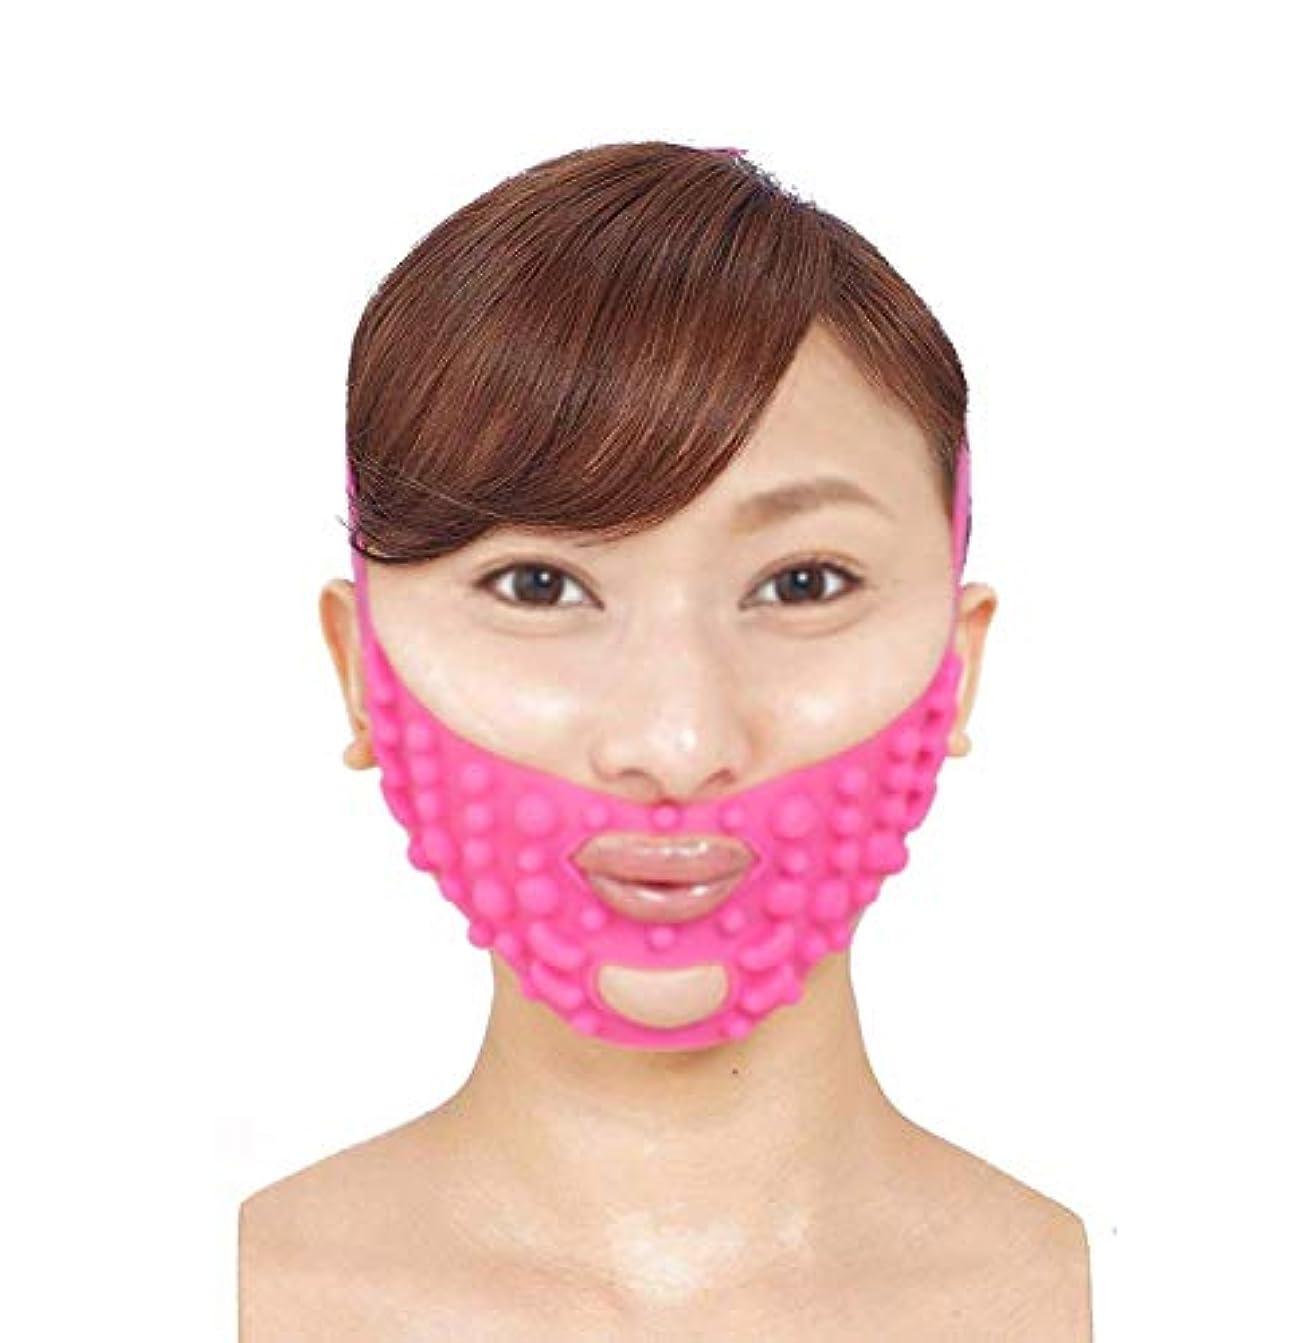 ブランド名提供された最初フェイシャルマスク、リフティングアーティファクトフェイスマスク垂れ下がった小さなVフェイスバンデージ付きの顔